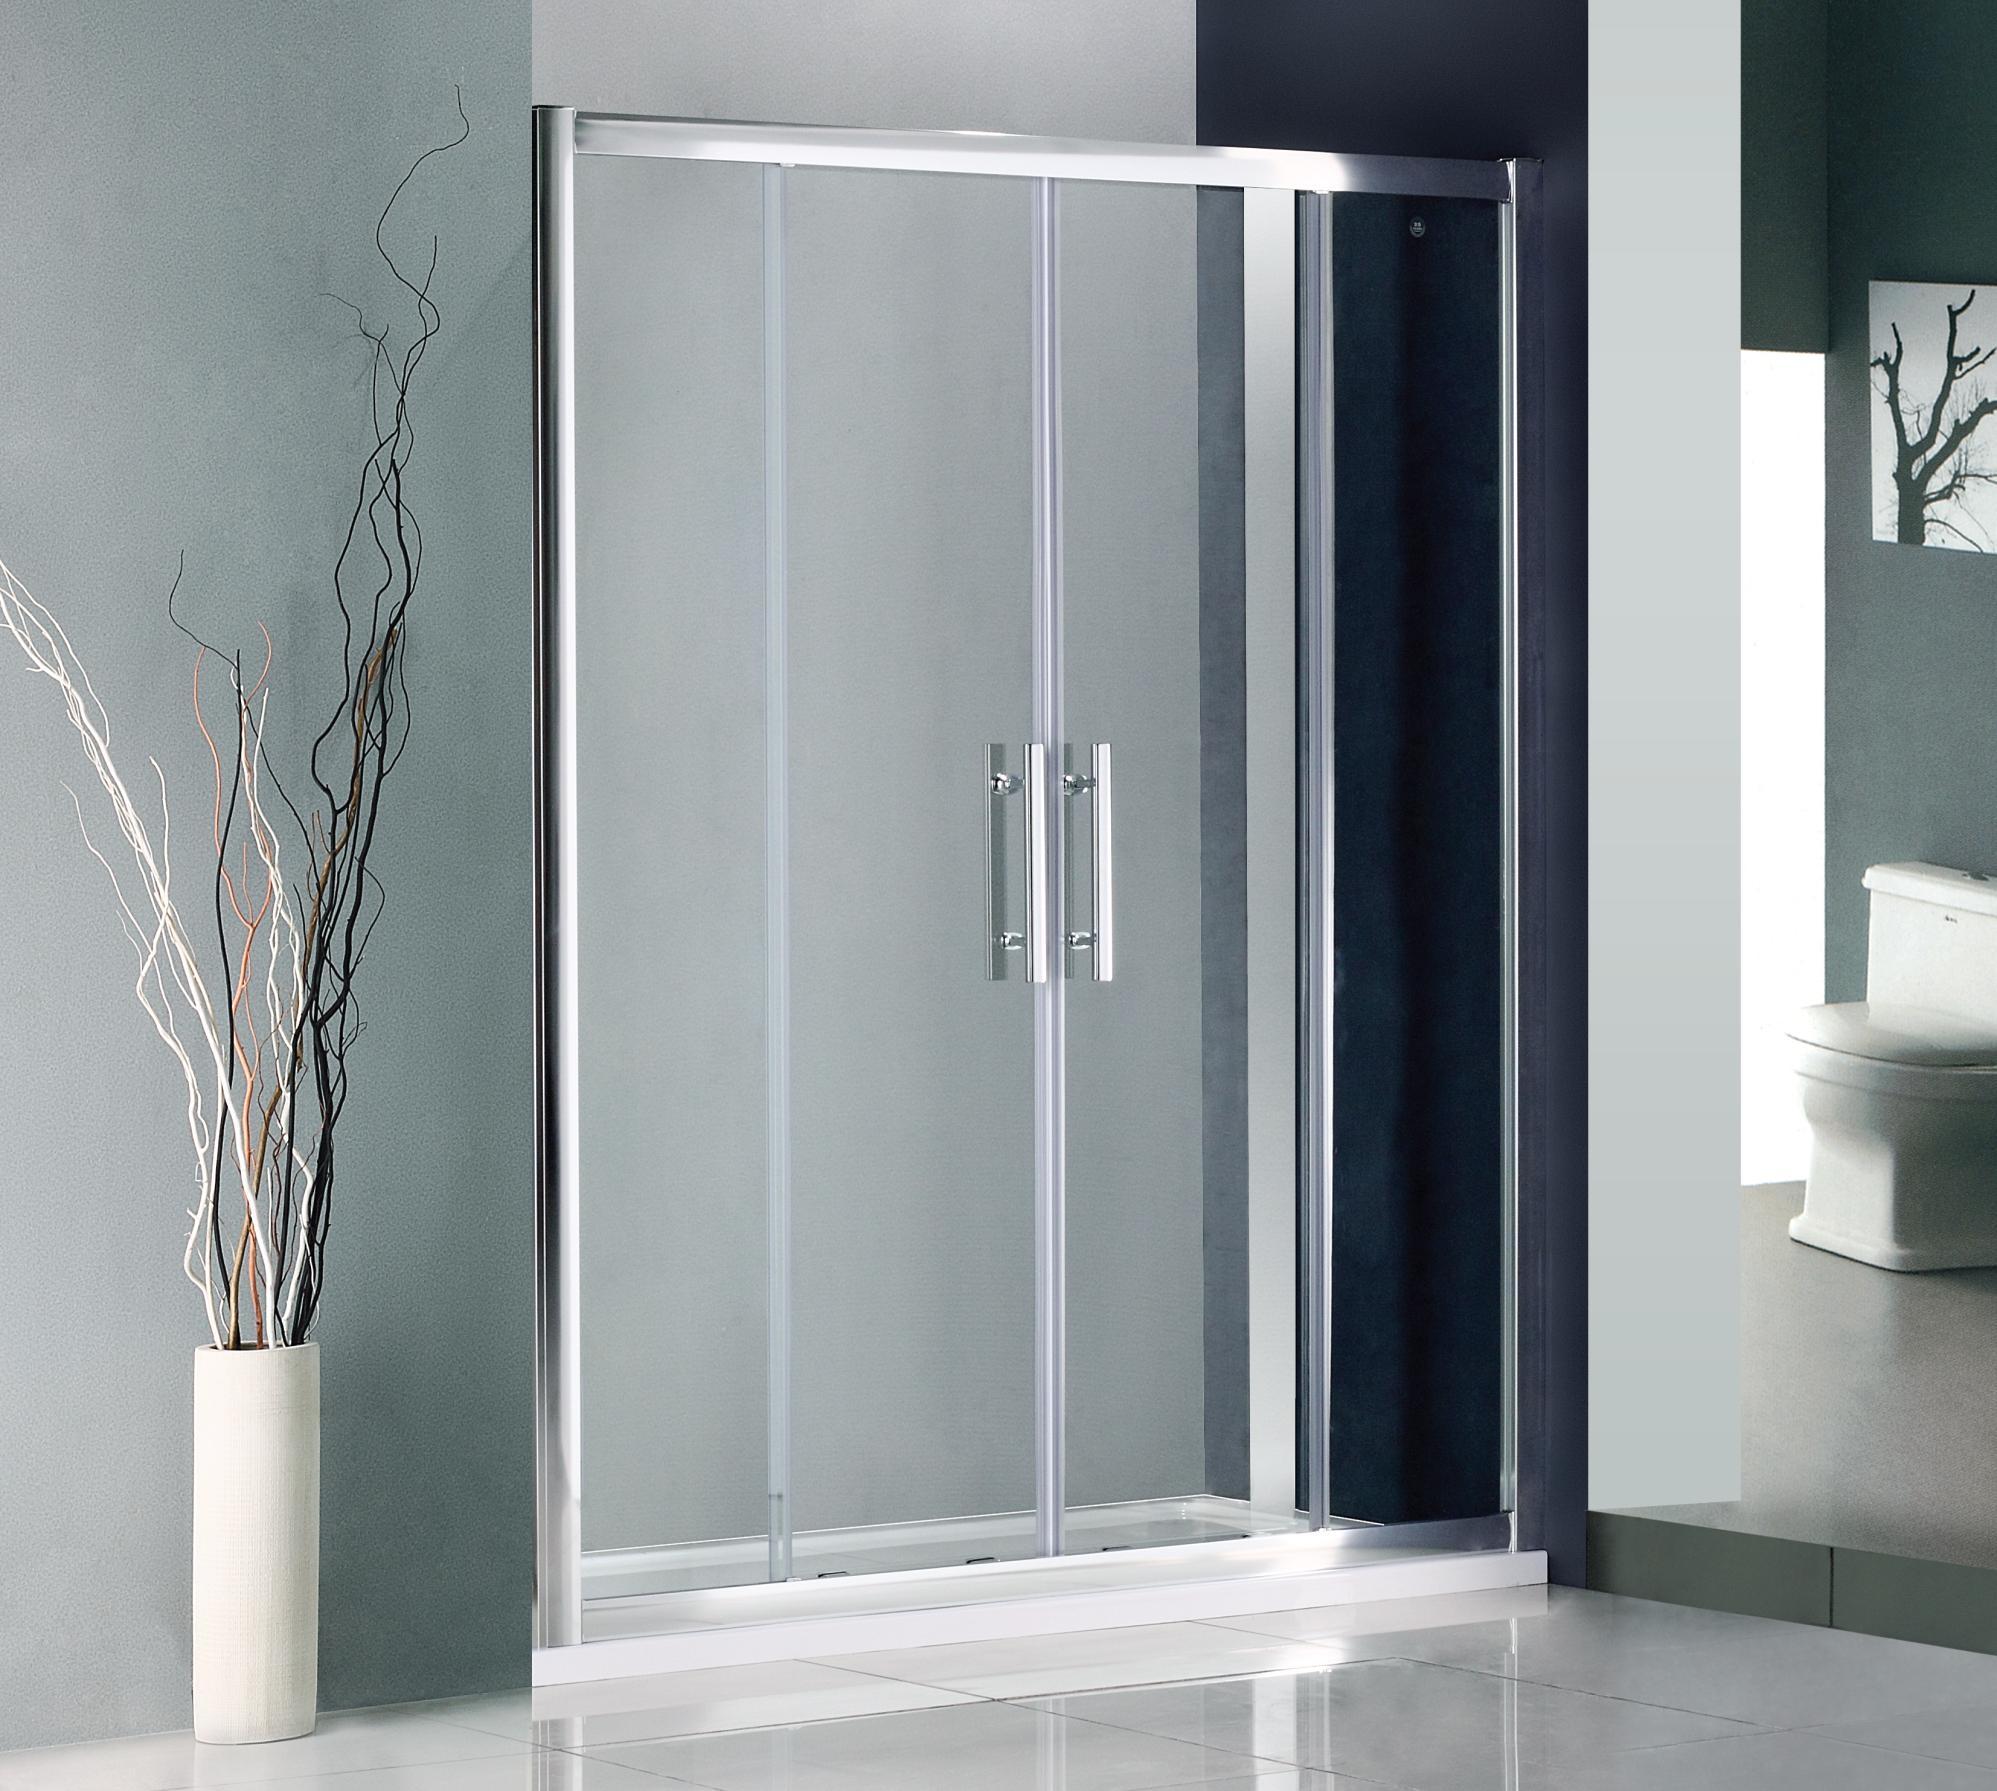 1600mm Double Sliding Door Shower Enclosure1600mm Double Sliding Door Shower Enclosure